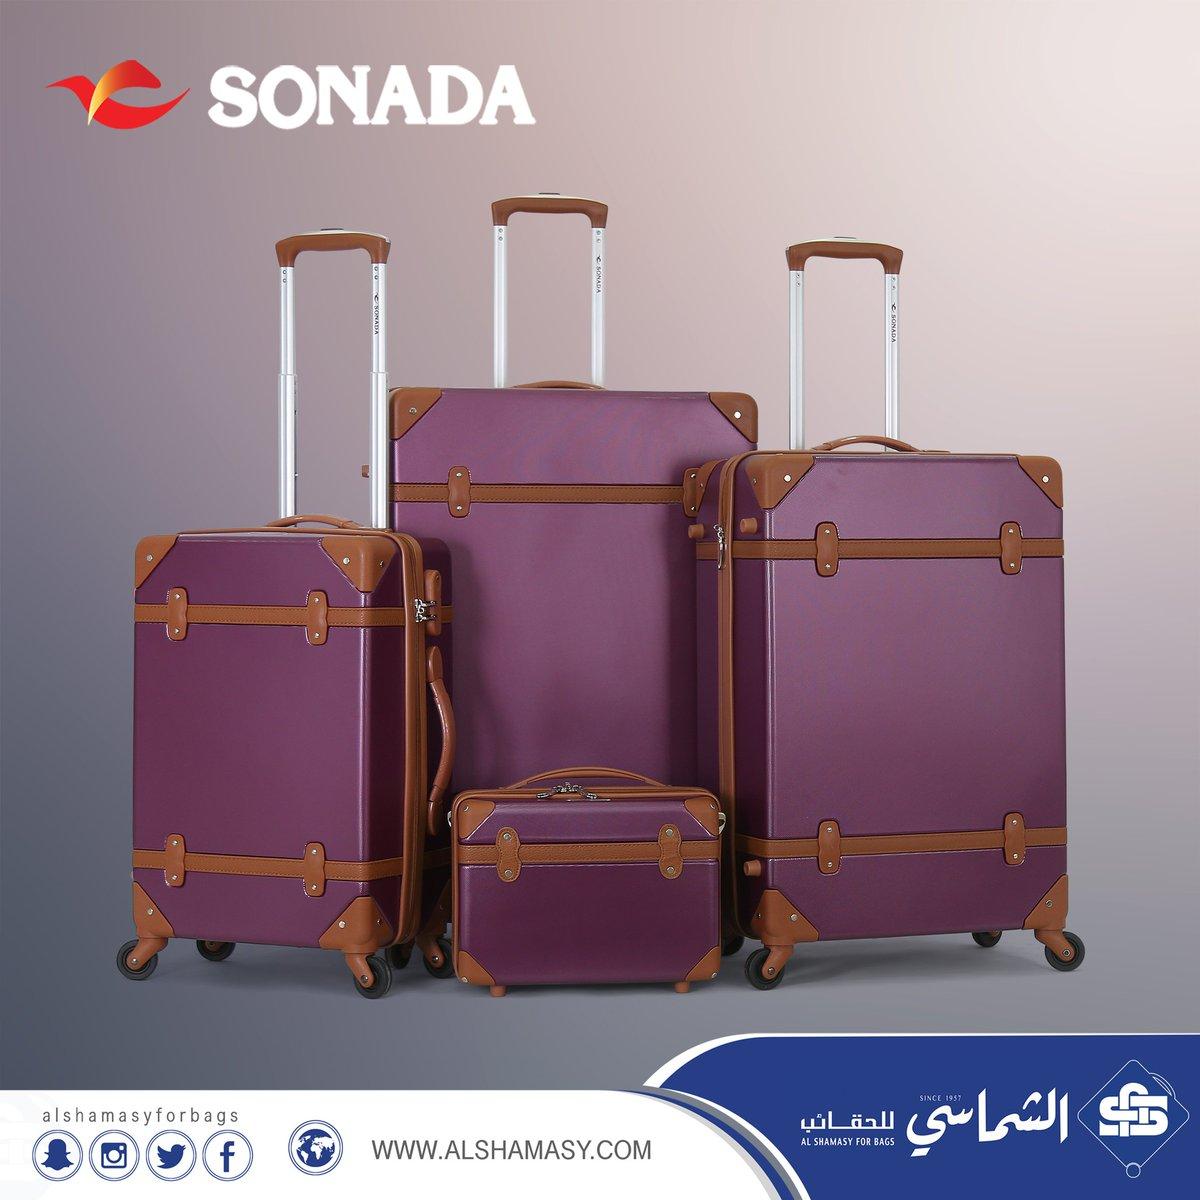 f15904f2b4b29 ... الضريبة بالامكان الطلب عبرالواتس 0558809933 او http   alshamasy.com   الشماسي للحقائب حقائب  ماركات عالميه  شنط سفر  sonada pic.twitter.com 3eC4lqBNZS